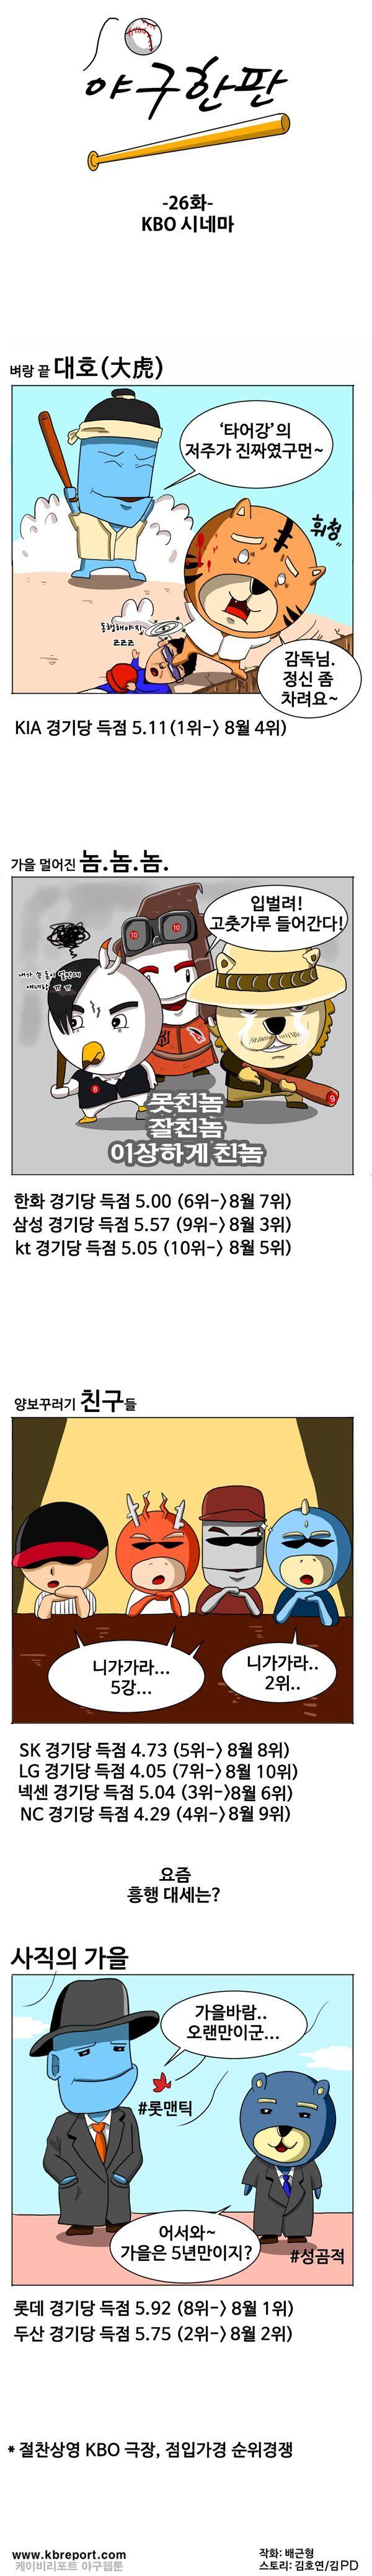 출처: [KBO카툰] 벼랑 끝 '대호', 가을 멀어진 '놈-놈-놈'